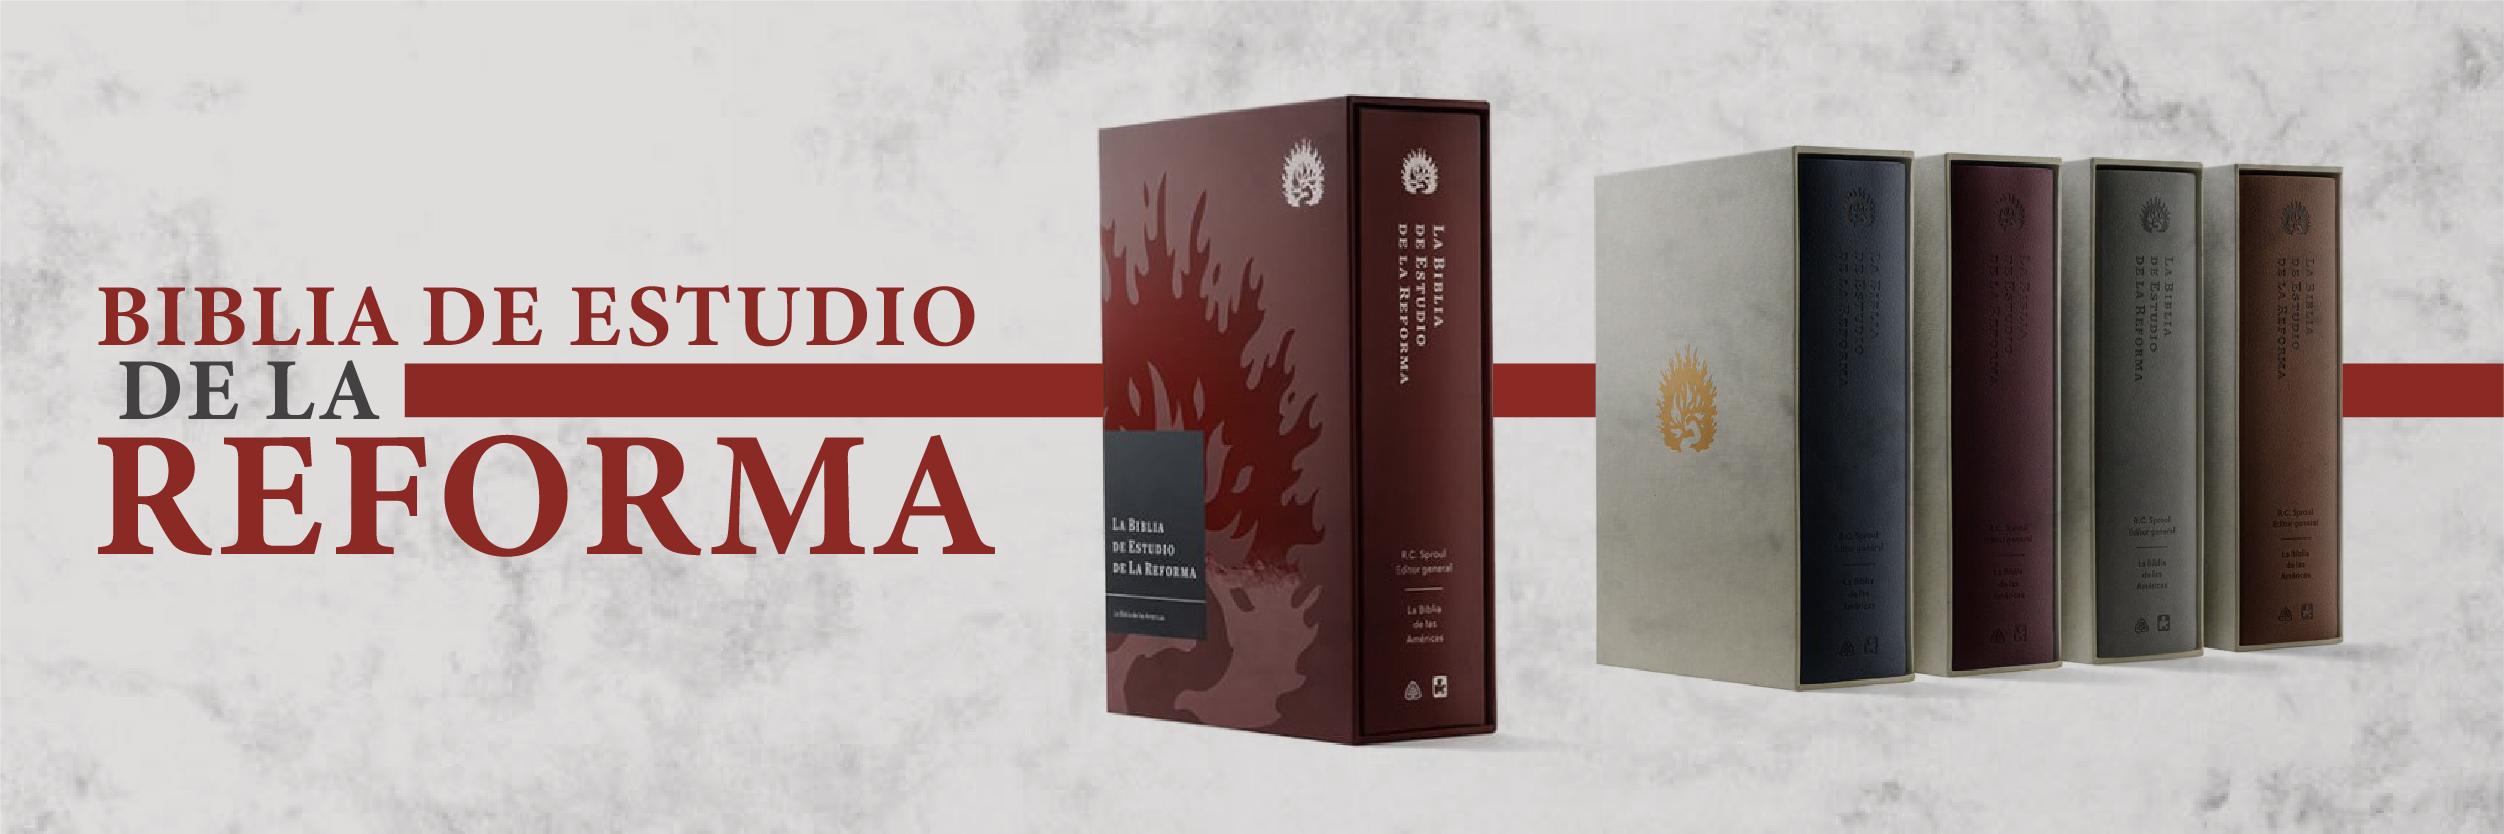 1 Biblia de Estudio de la Reforma